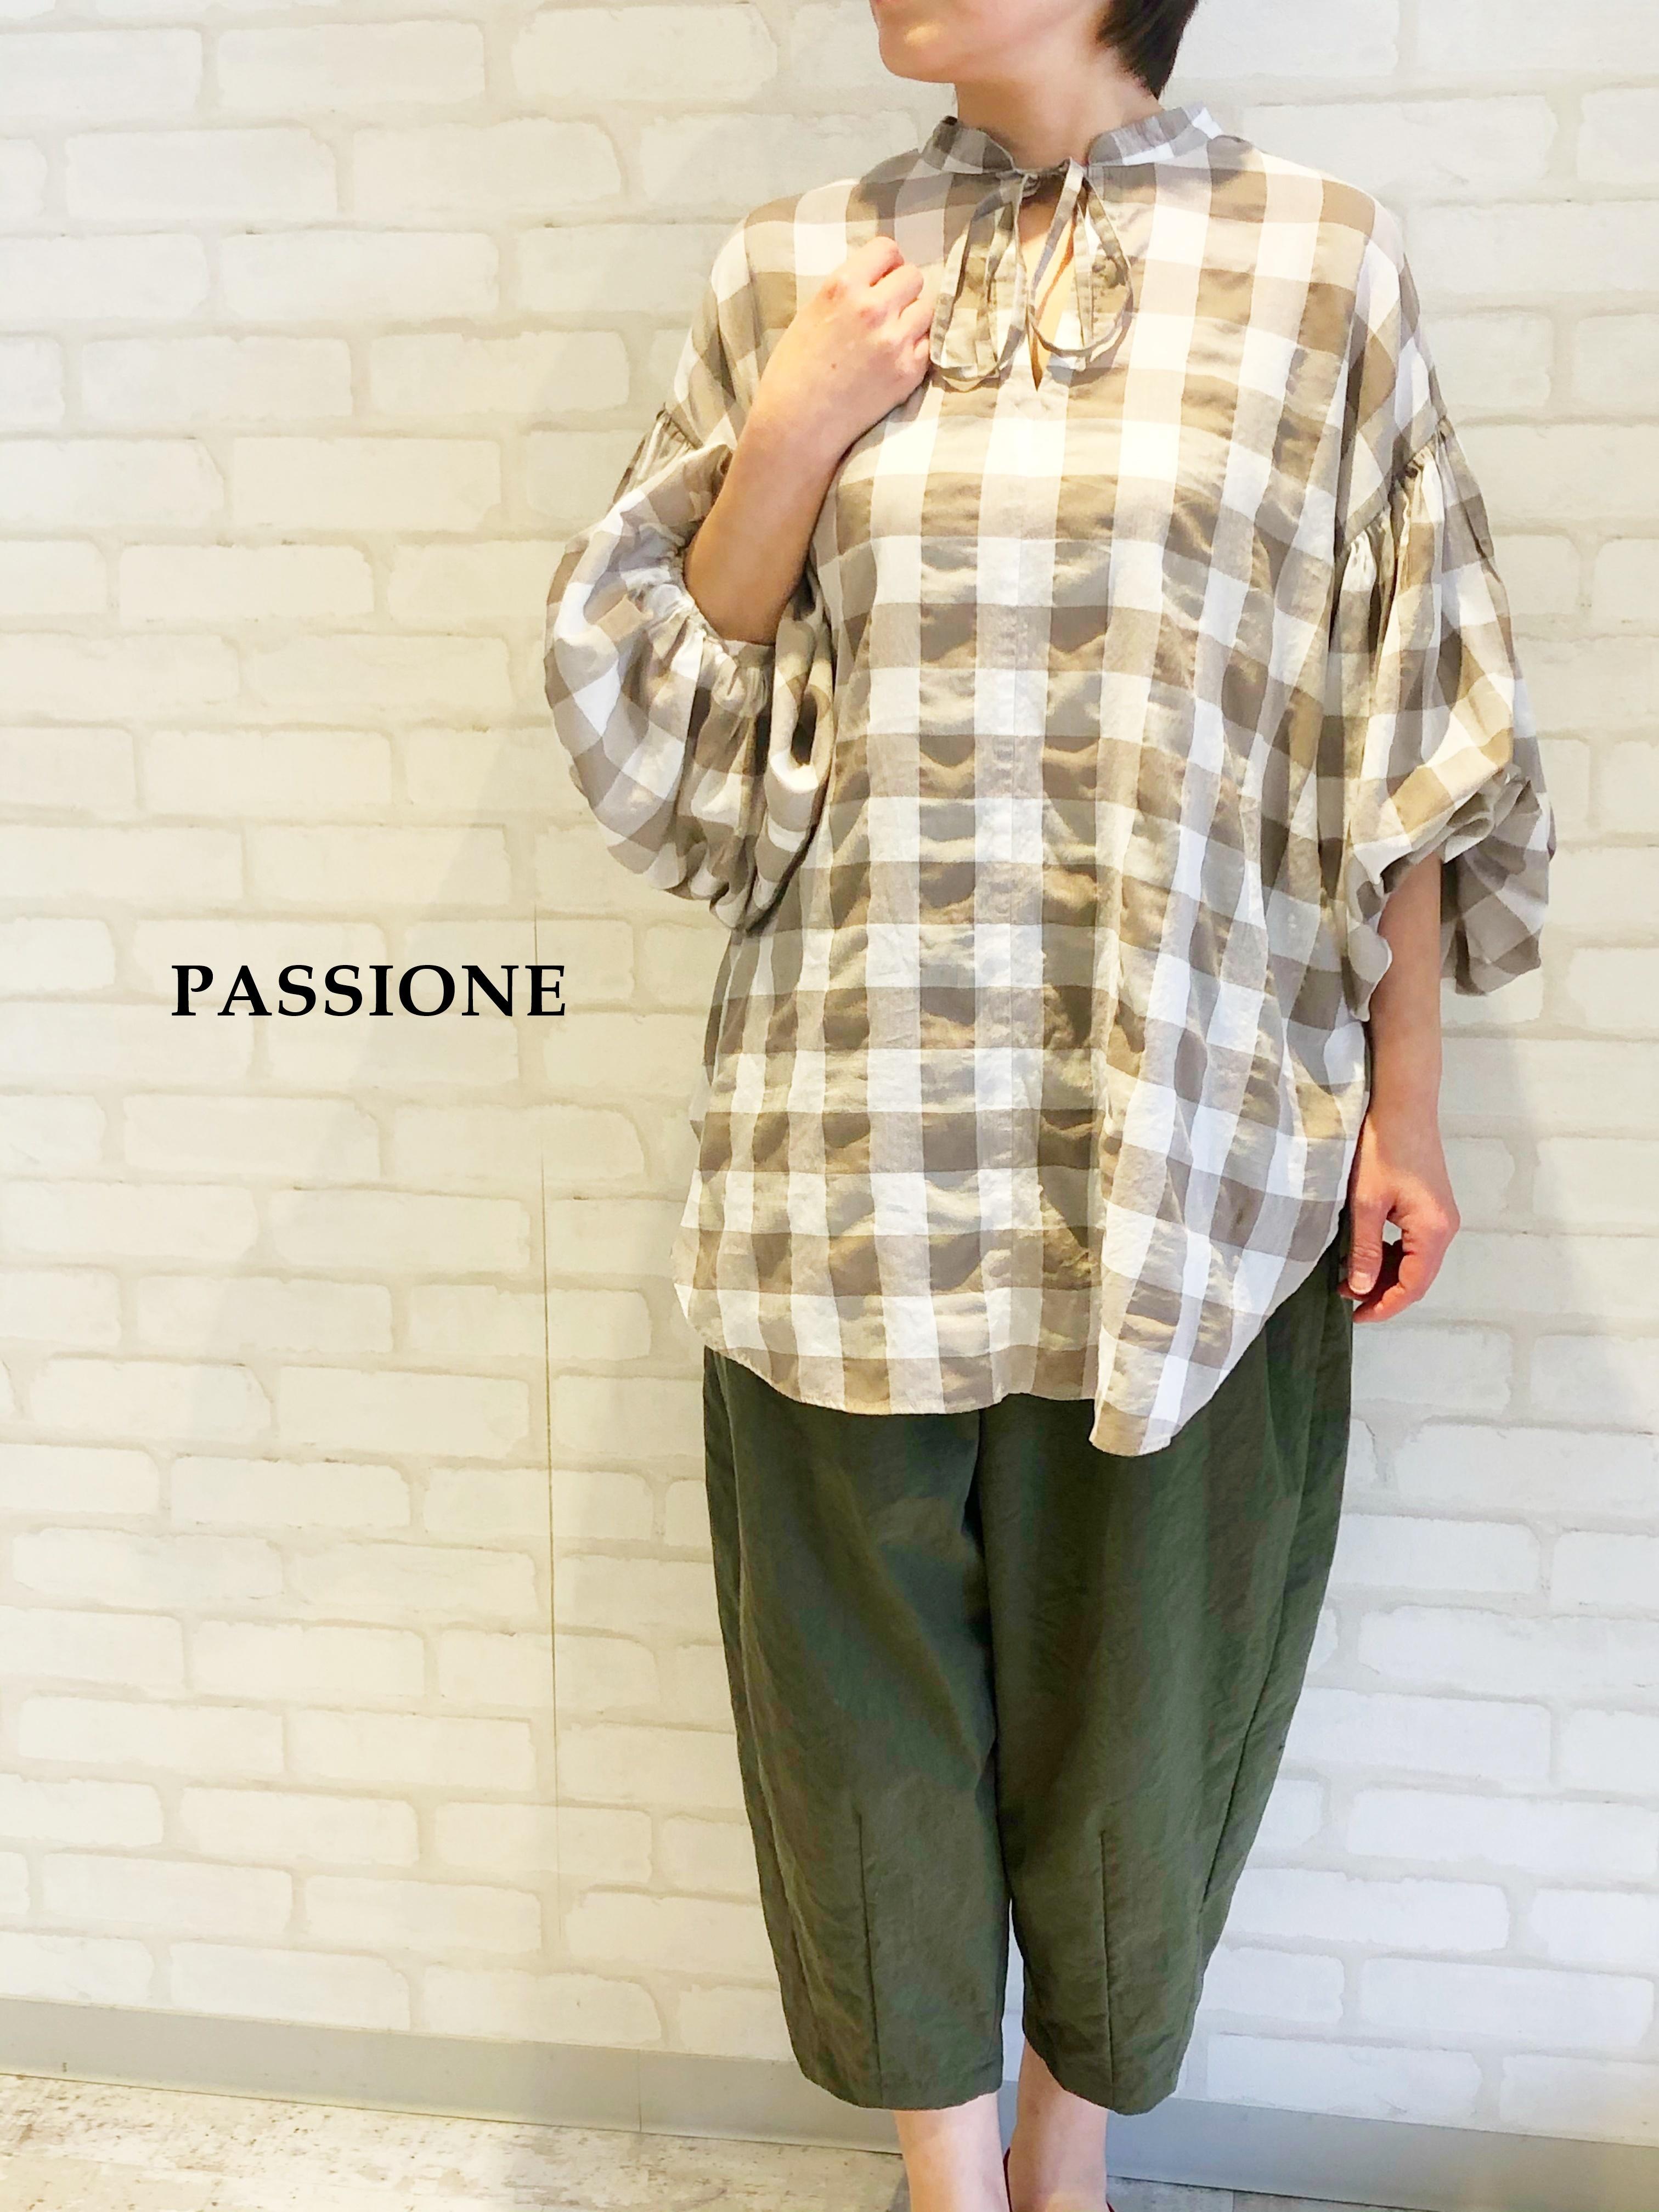 【再入荷】PASSIONE/ブロックチェック柄ブラウス/126951(ベージュ)